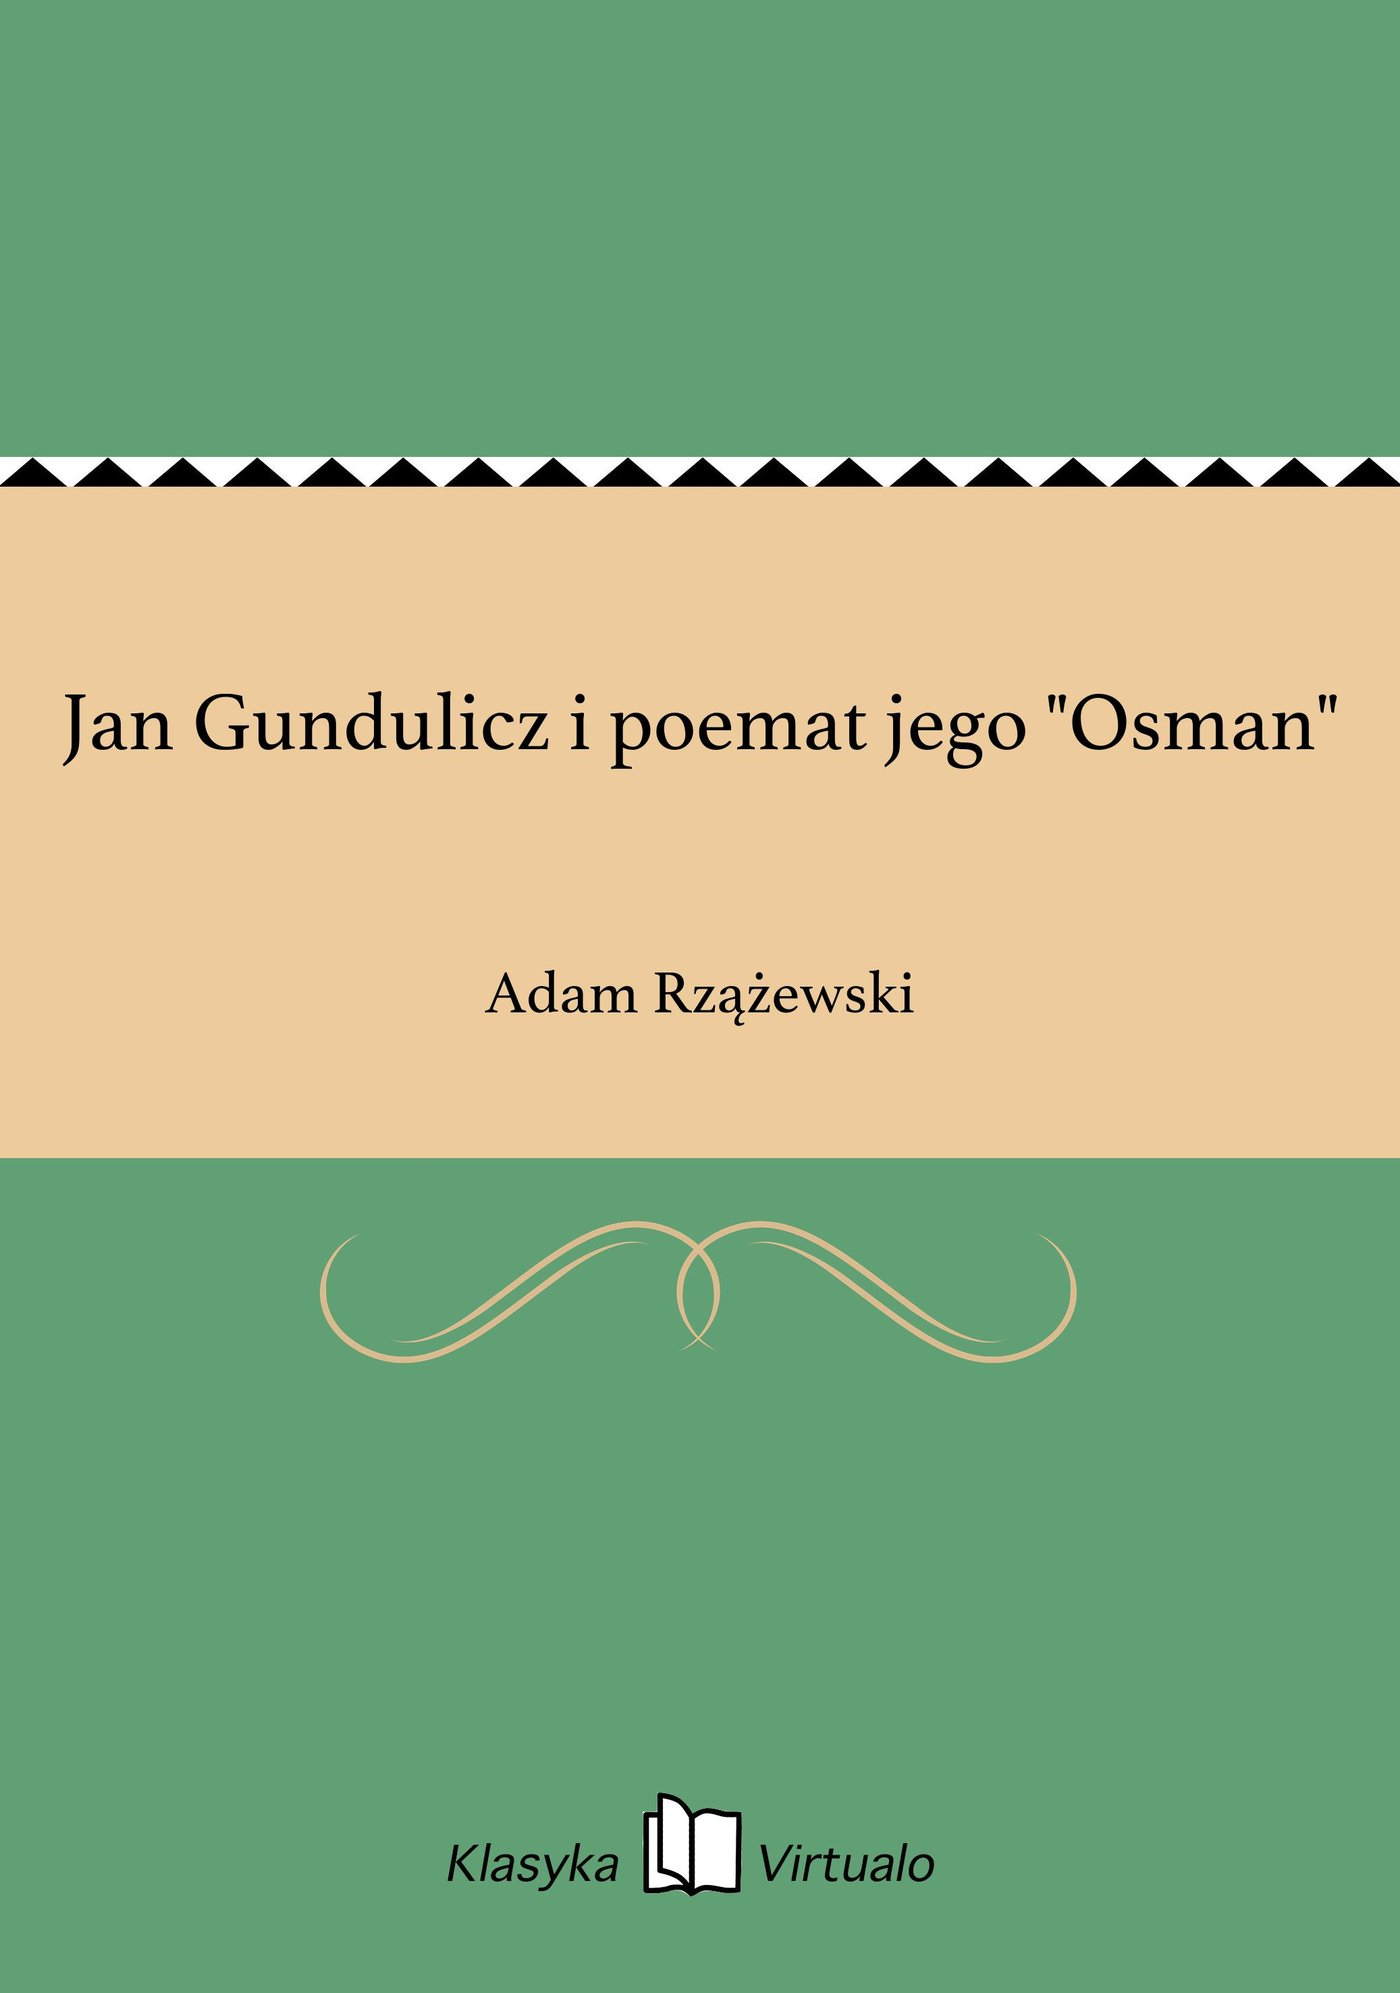 """Jan Gundulicz i poemat jego """"Osman"""" - Ebook (Książka EPUB) do pobrania w formacie EPUB"""